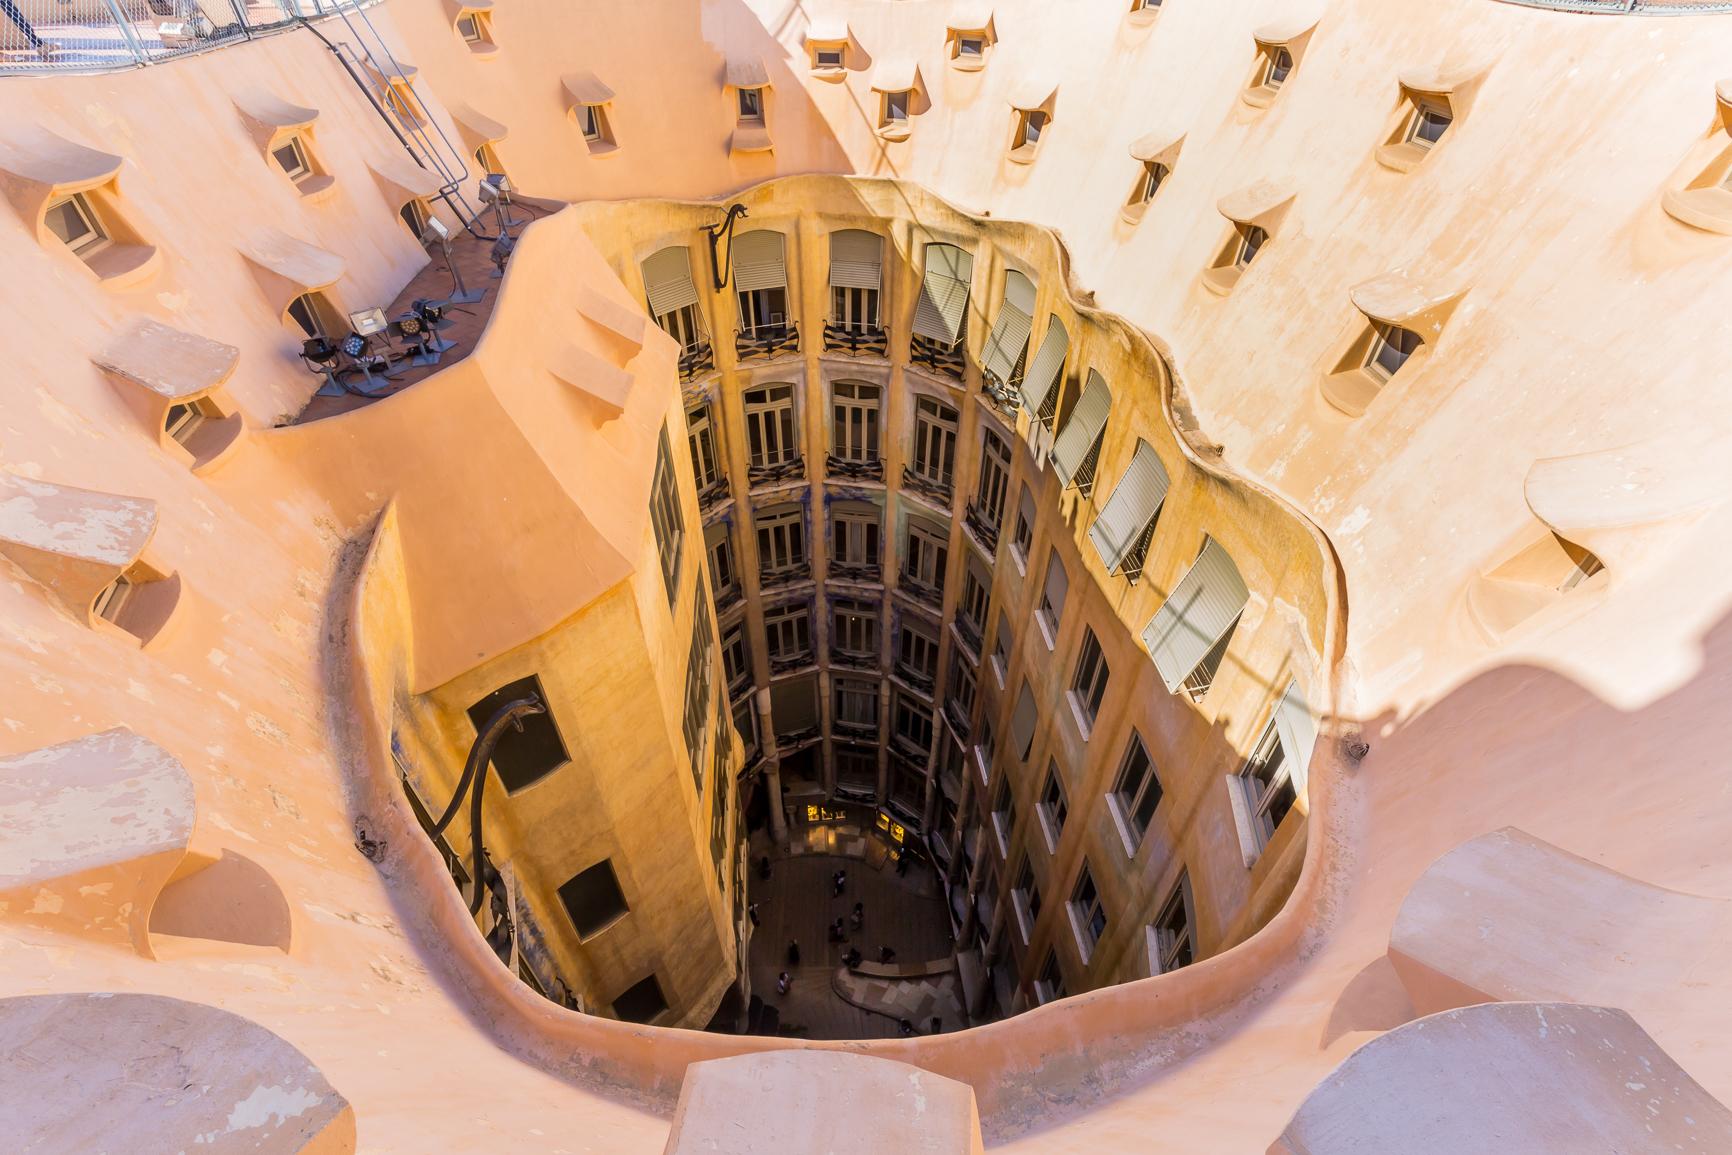 Roof terrace at Casa Mila Barcelona Stock Photo, Royalty ... |Casa Mila Roof